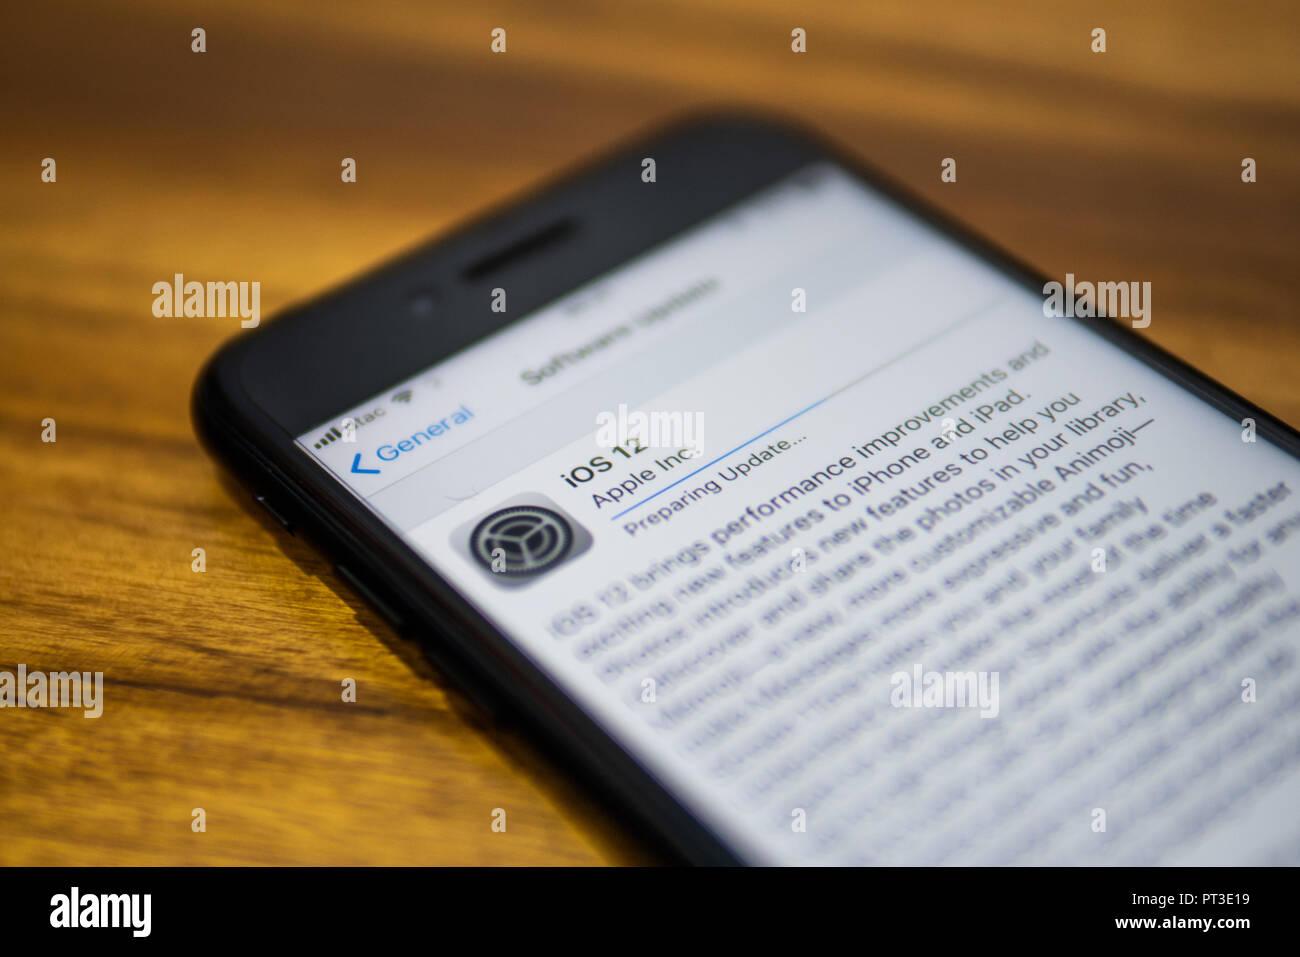 Bangkok, Tailandia - 18 de septiembre de 2018 : Apple iPhone 7 mostrando su pantalla con iOS 12 información sobre las actualizaciones de software. Imagen De Stock